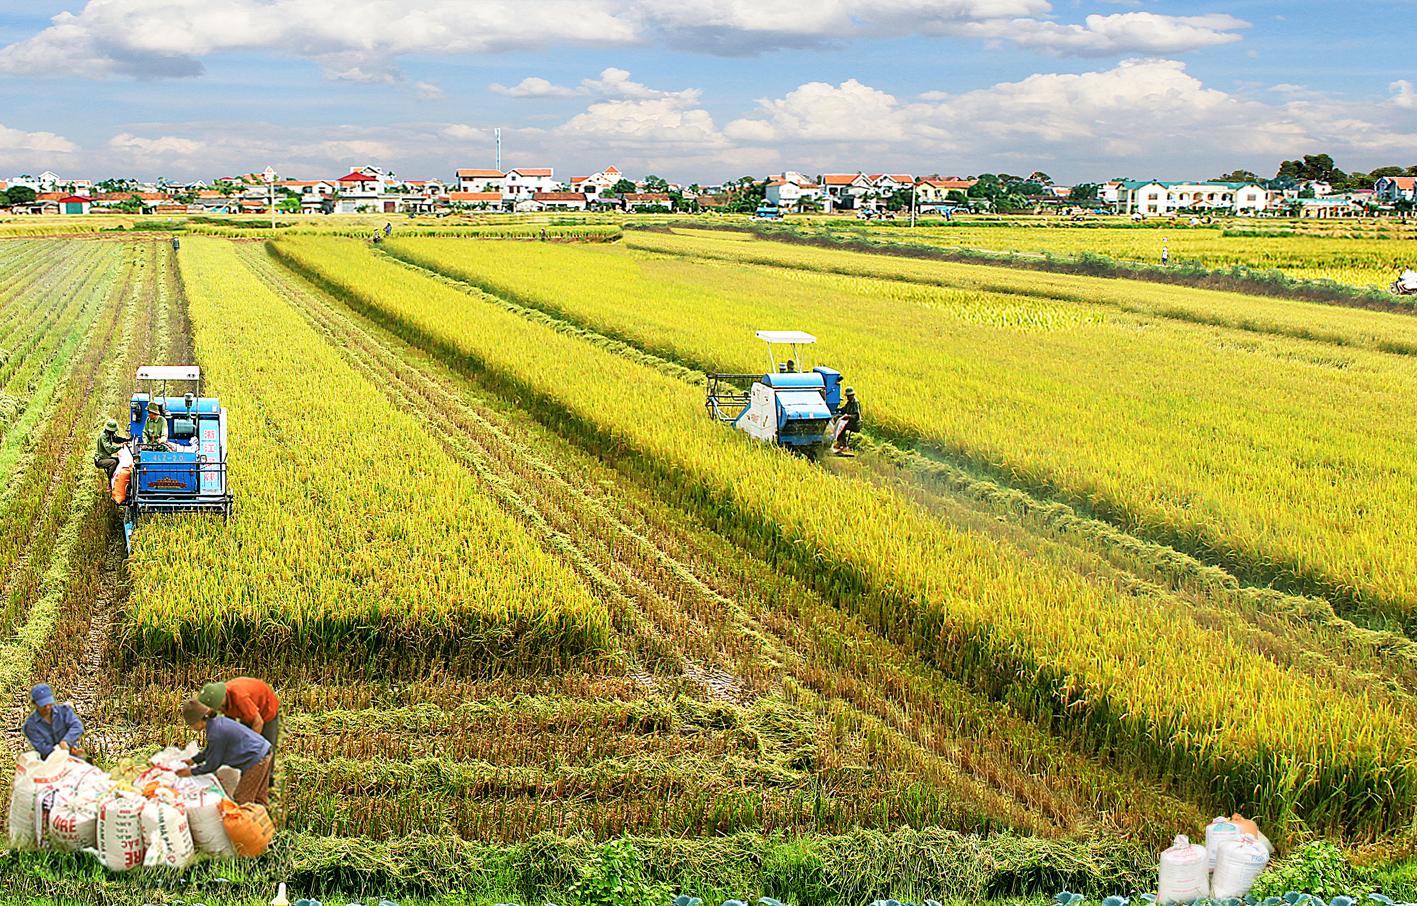 Giải pháp huy động vốn xây dựng nông thôn mới